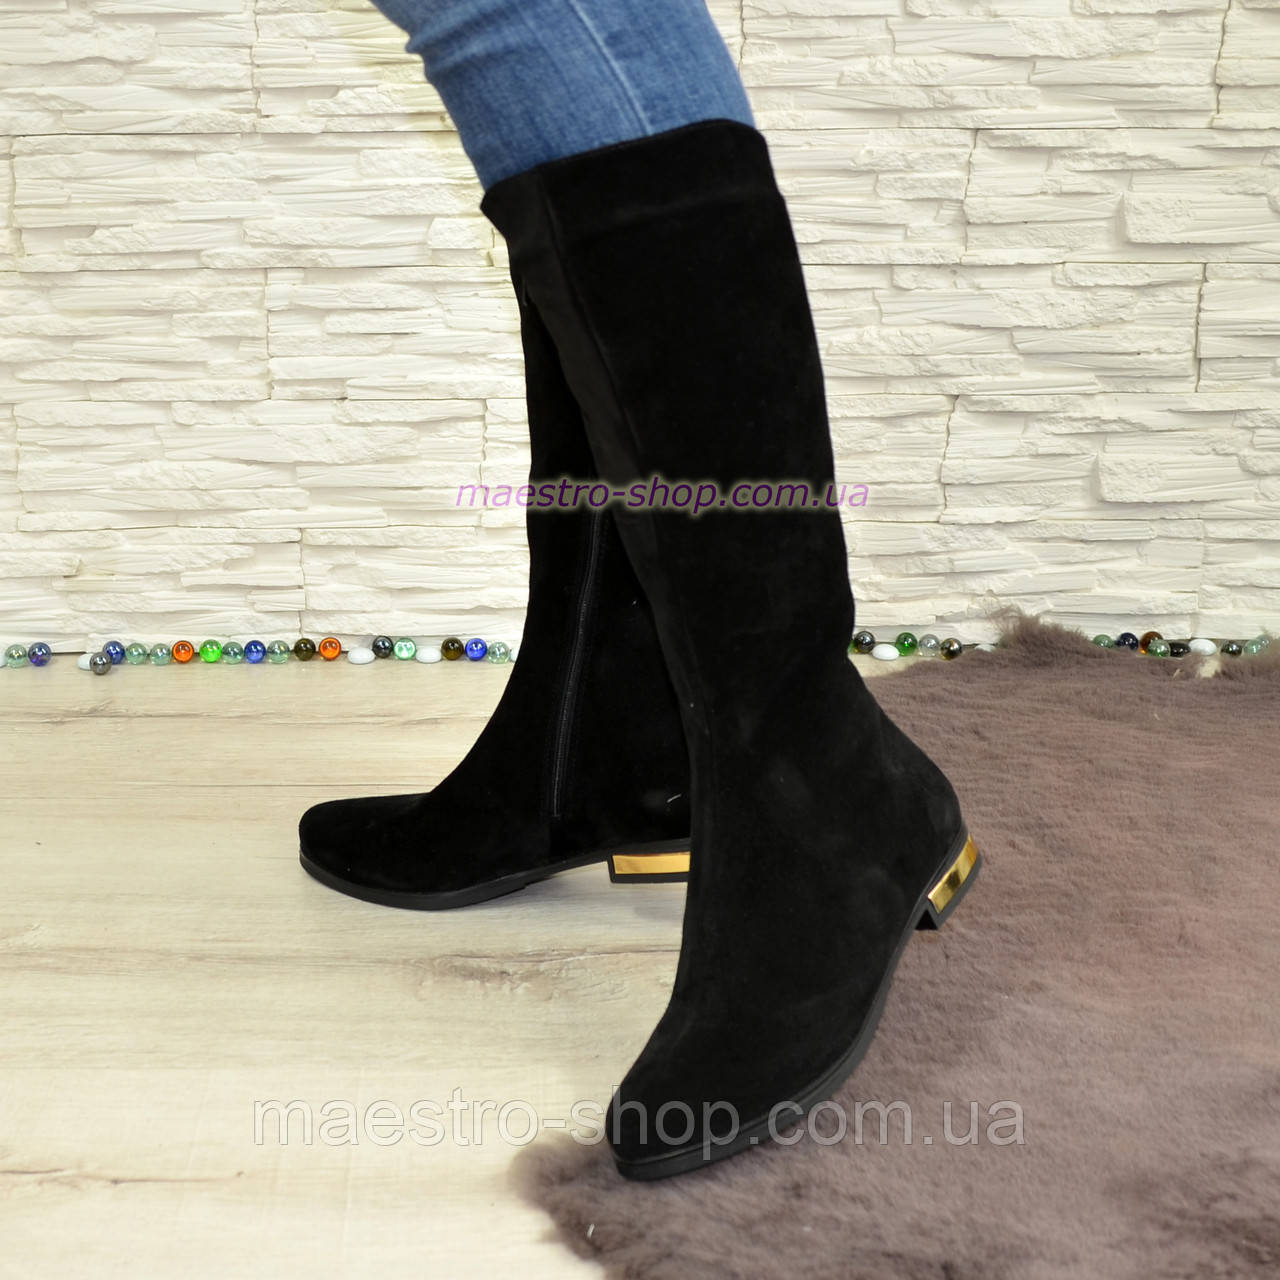 d5431792 Сапоги женские зимние замшевые черные на низком ходу. - Stivale -  производство кожаной женской,